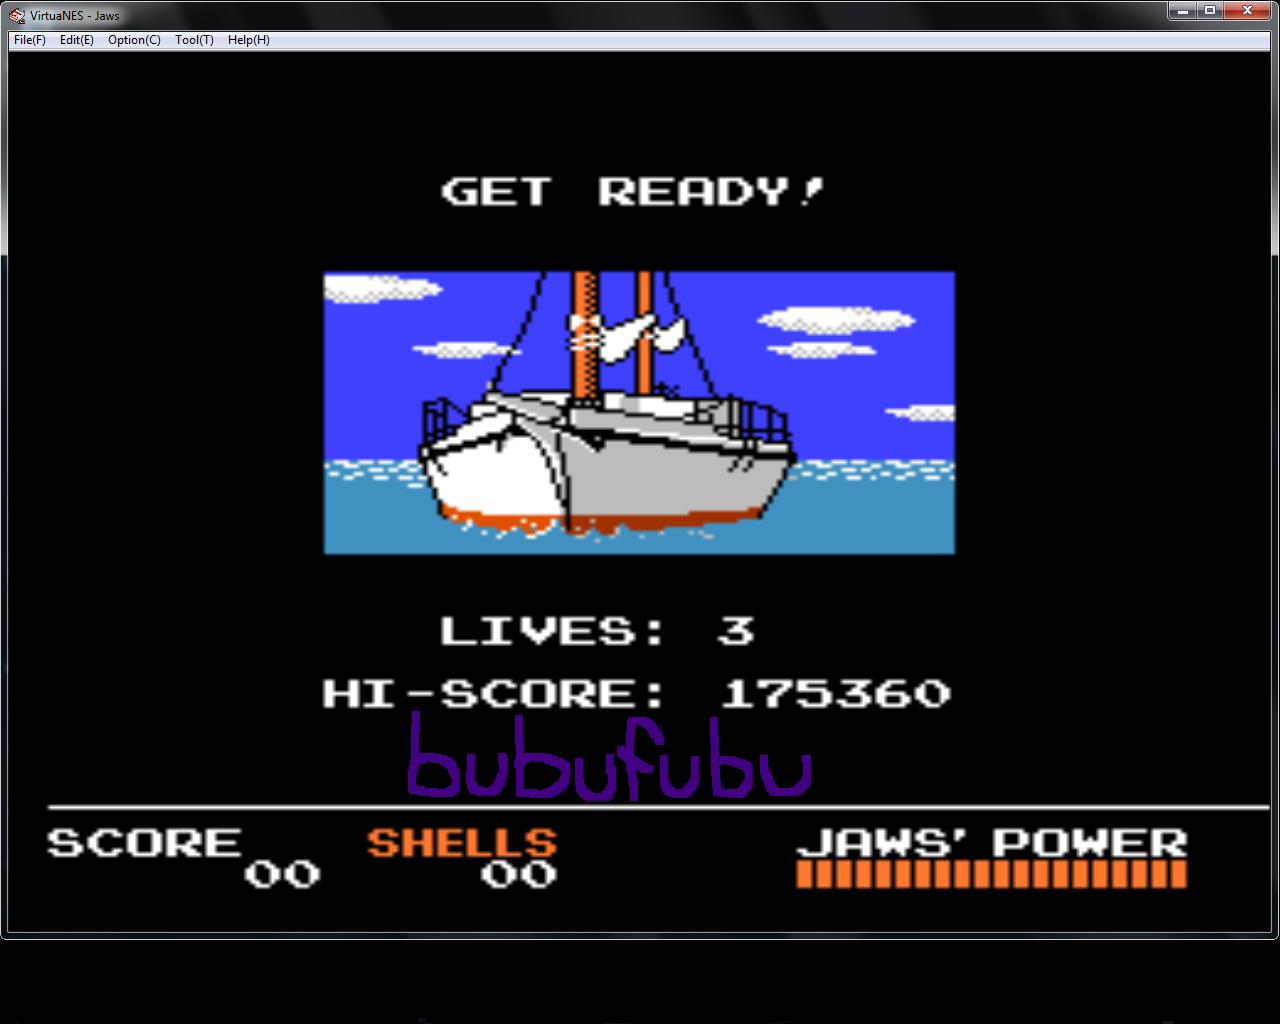 bubufubu: Jaws (NES/Famicom Emulated) 175,360 points on 2015-01-29 20:38:30